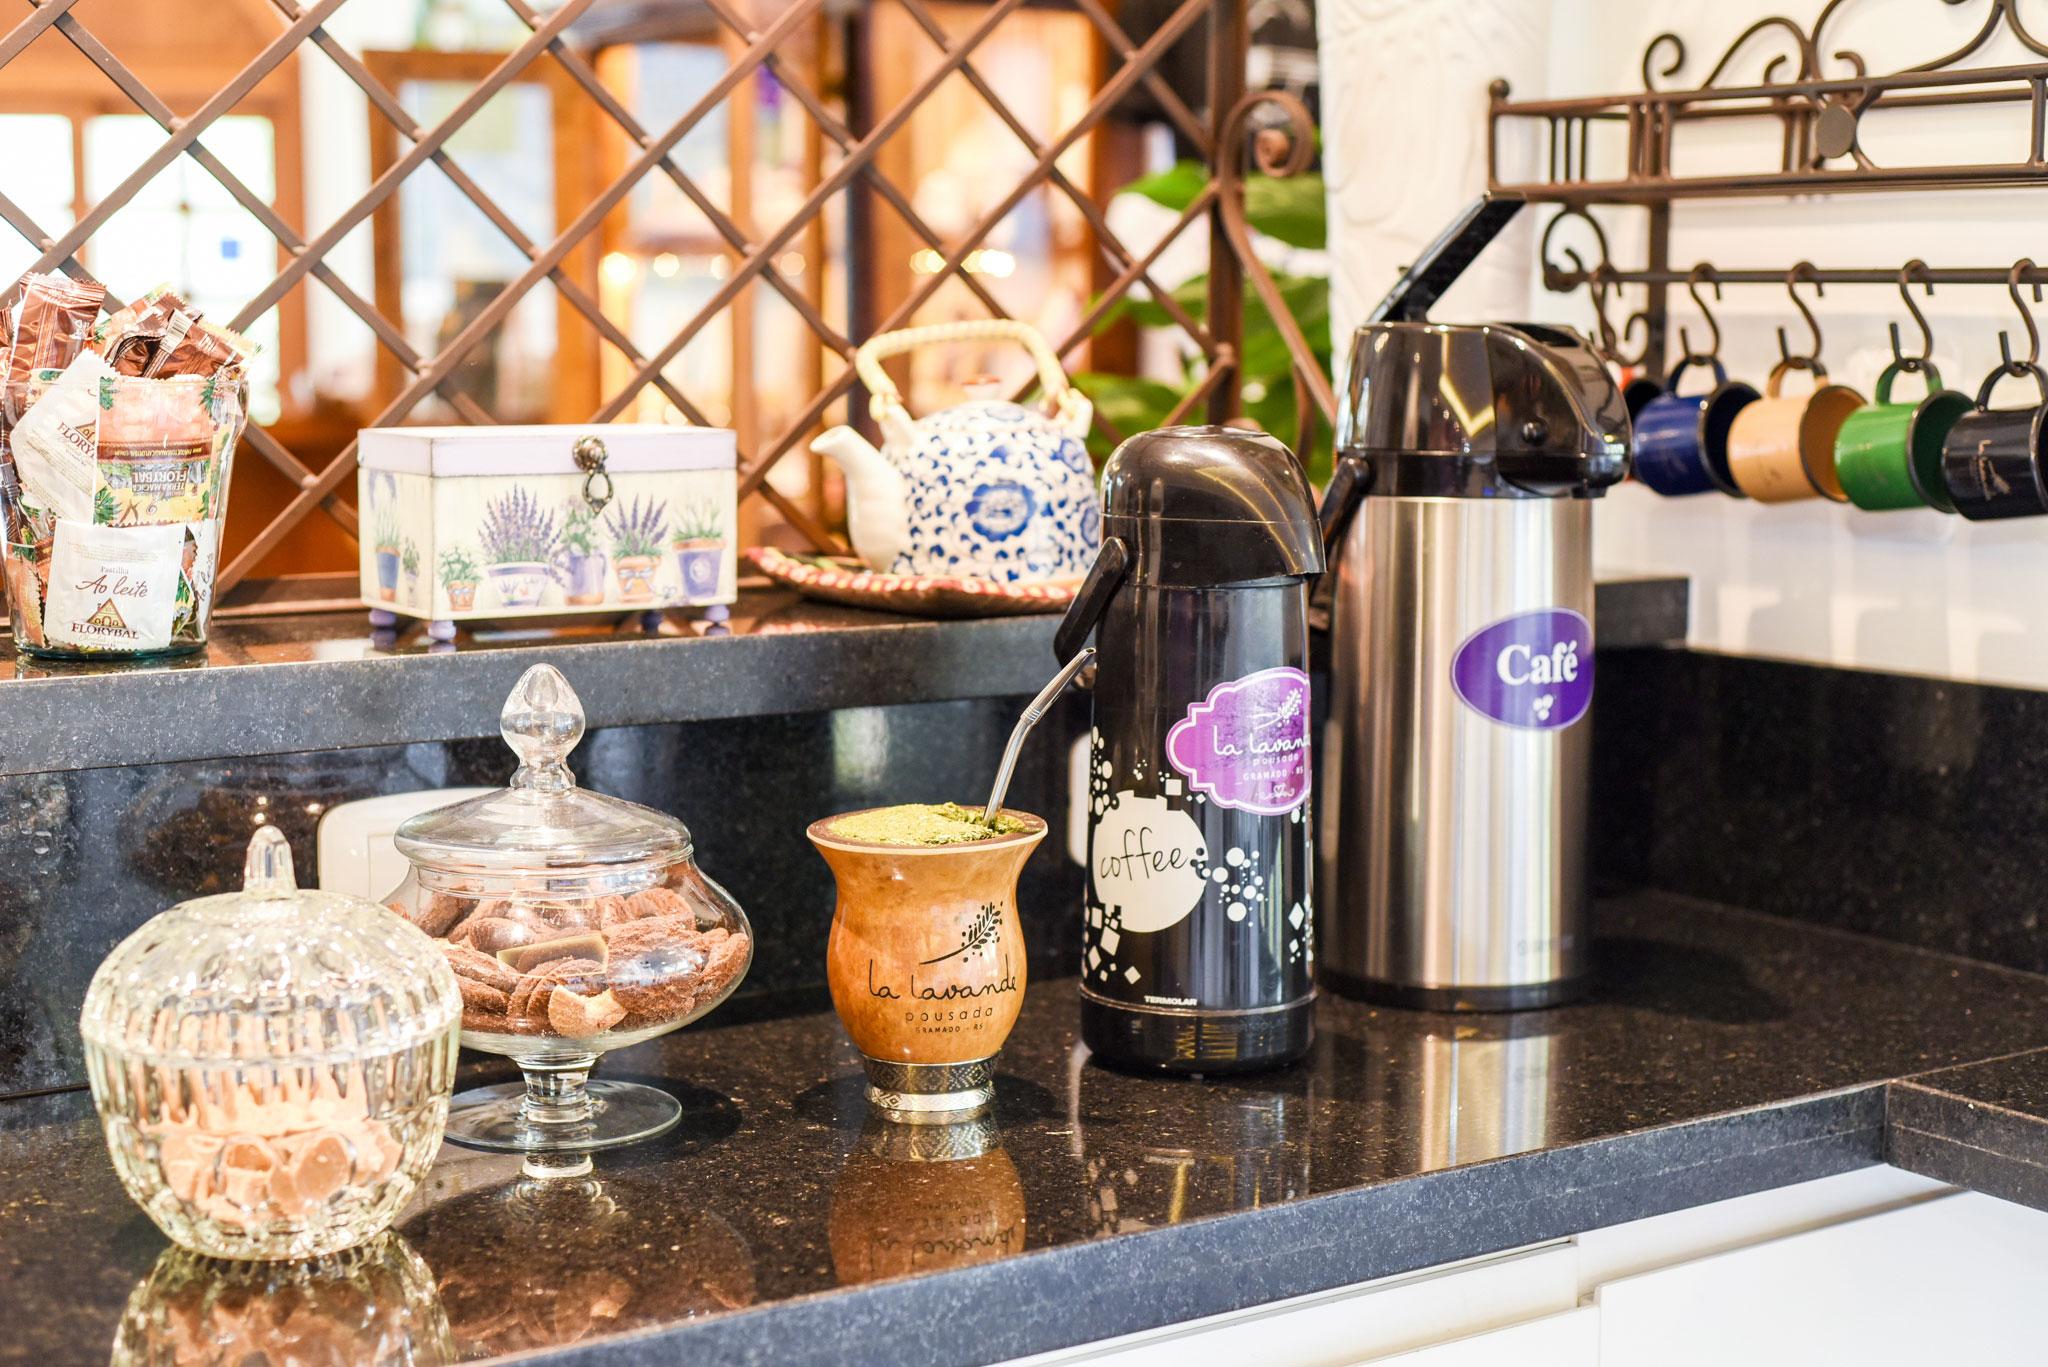 Café da Manhã - La Lavande - Gramado